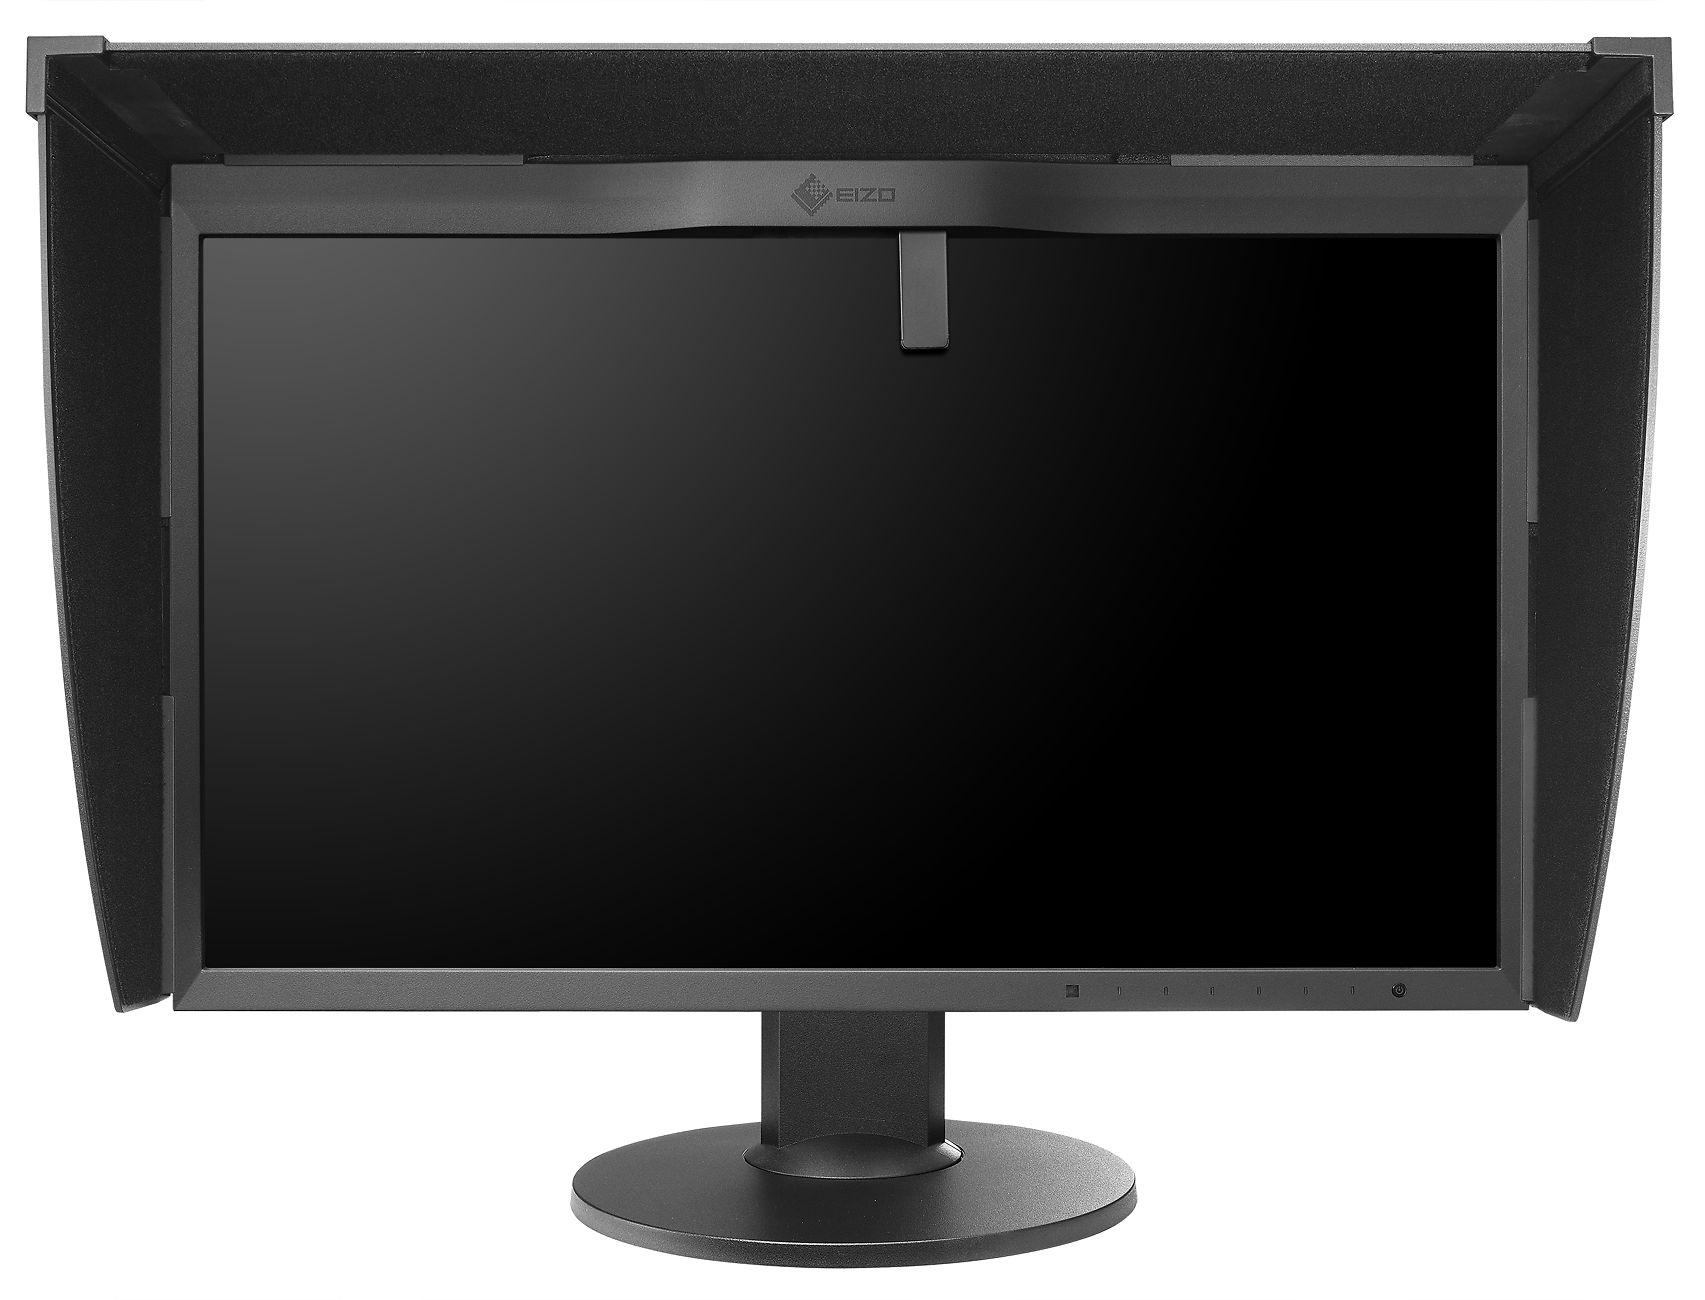 """Eizo ColorEdge CG248-4K 24"""" Monitor Image"""